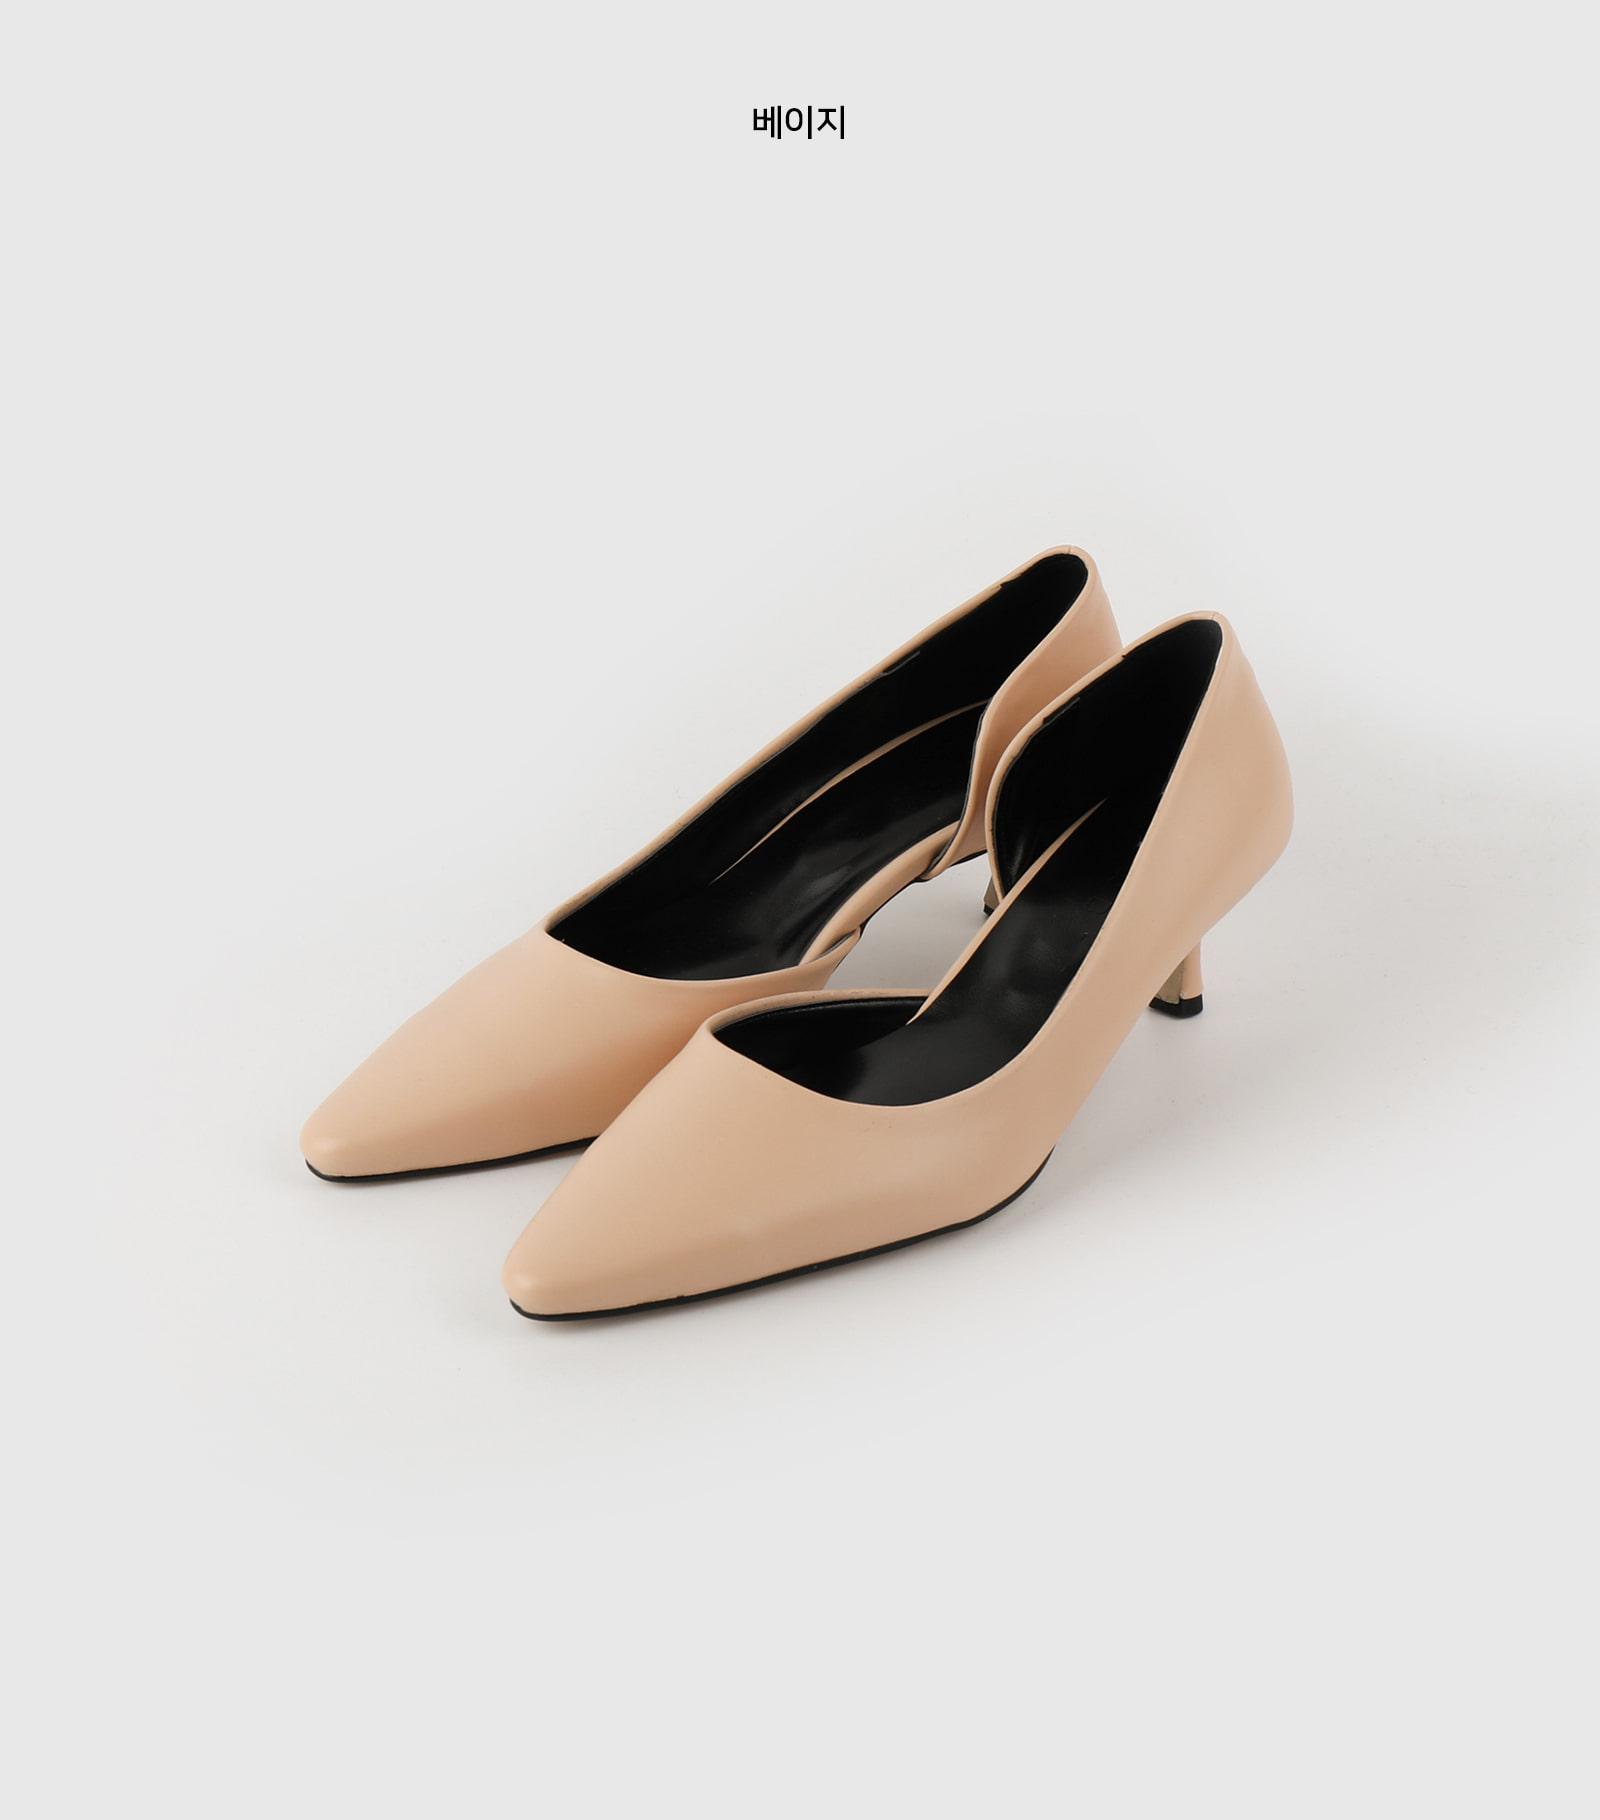 Semi-curving middle heel pumps